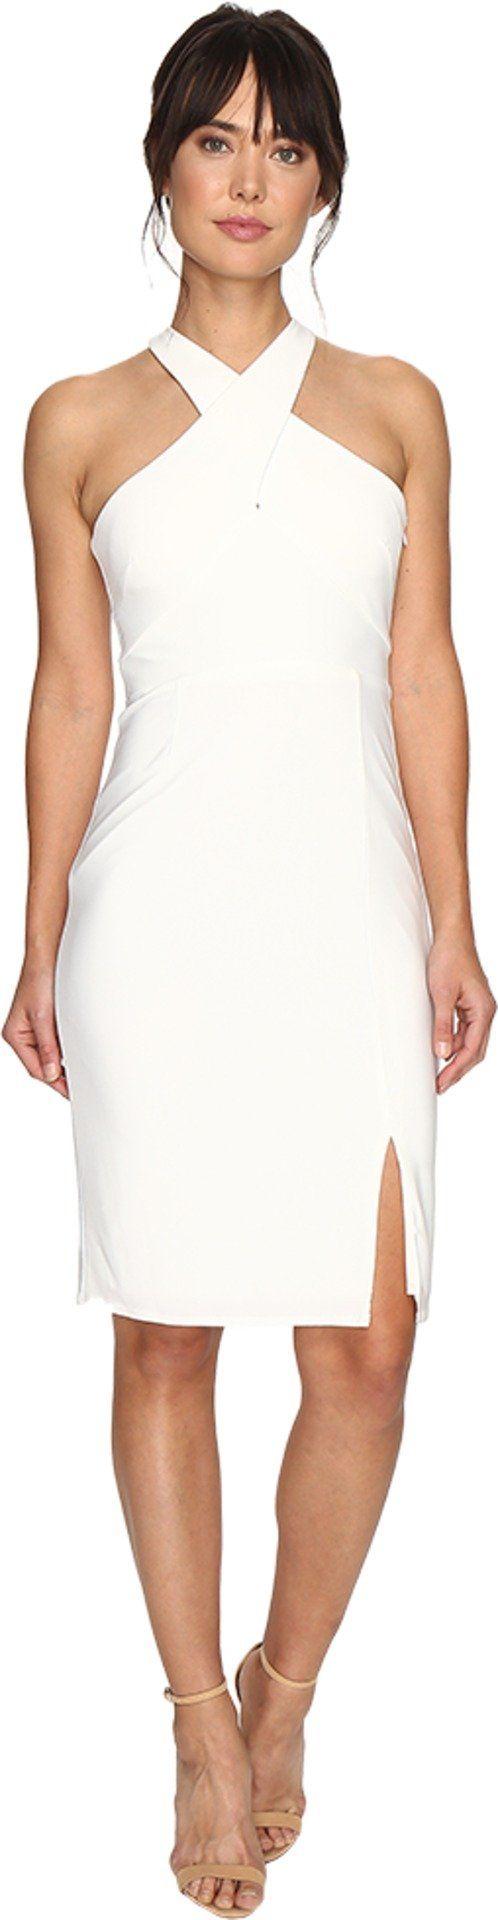 Laundry by Shelli Segal Women's Cross Front Matte Jersey Dress Warm White Dress